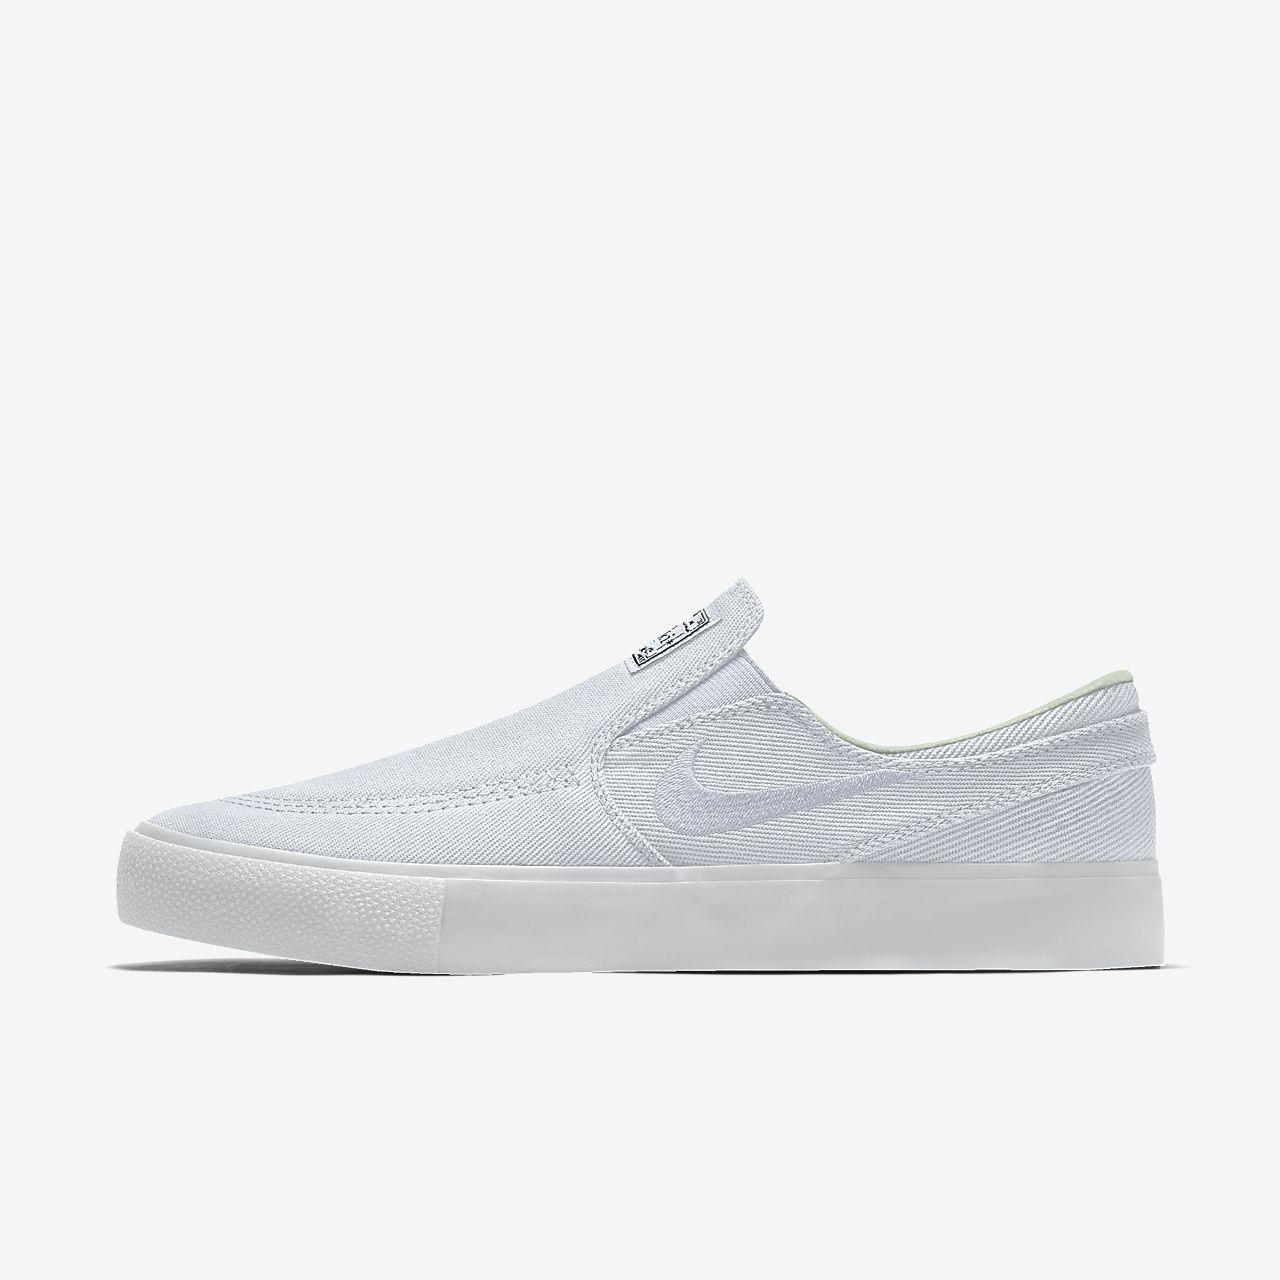 Personalizowane buty do skateboardingu Nike SB Zoom Stefan Janoski Slip RM By You